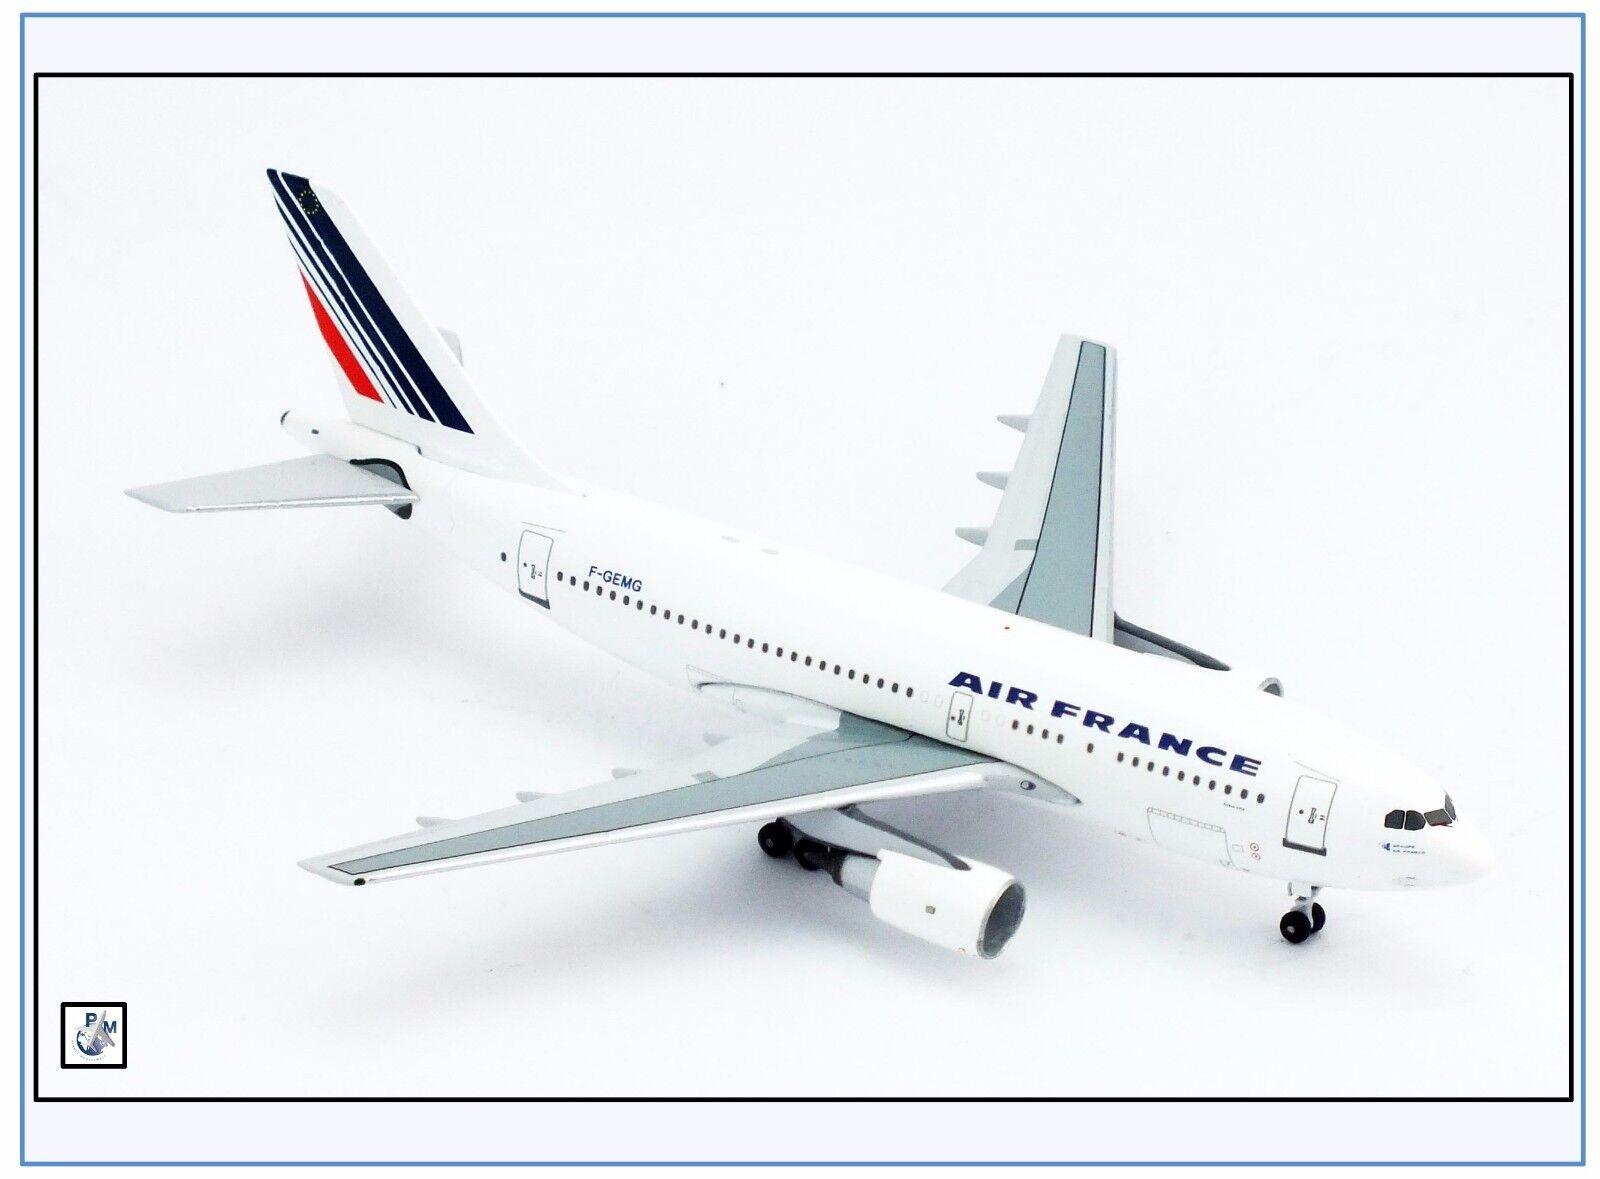 Ac002 airbus a310-200 air france, F-gemg, AeroClassics 1 400, nuevo 10 17 &